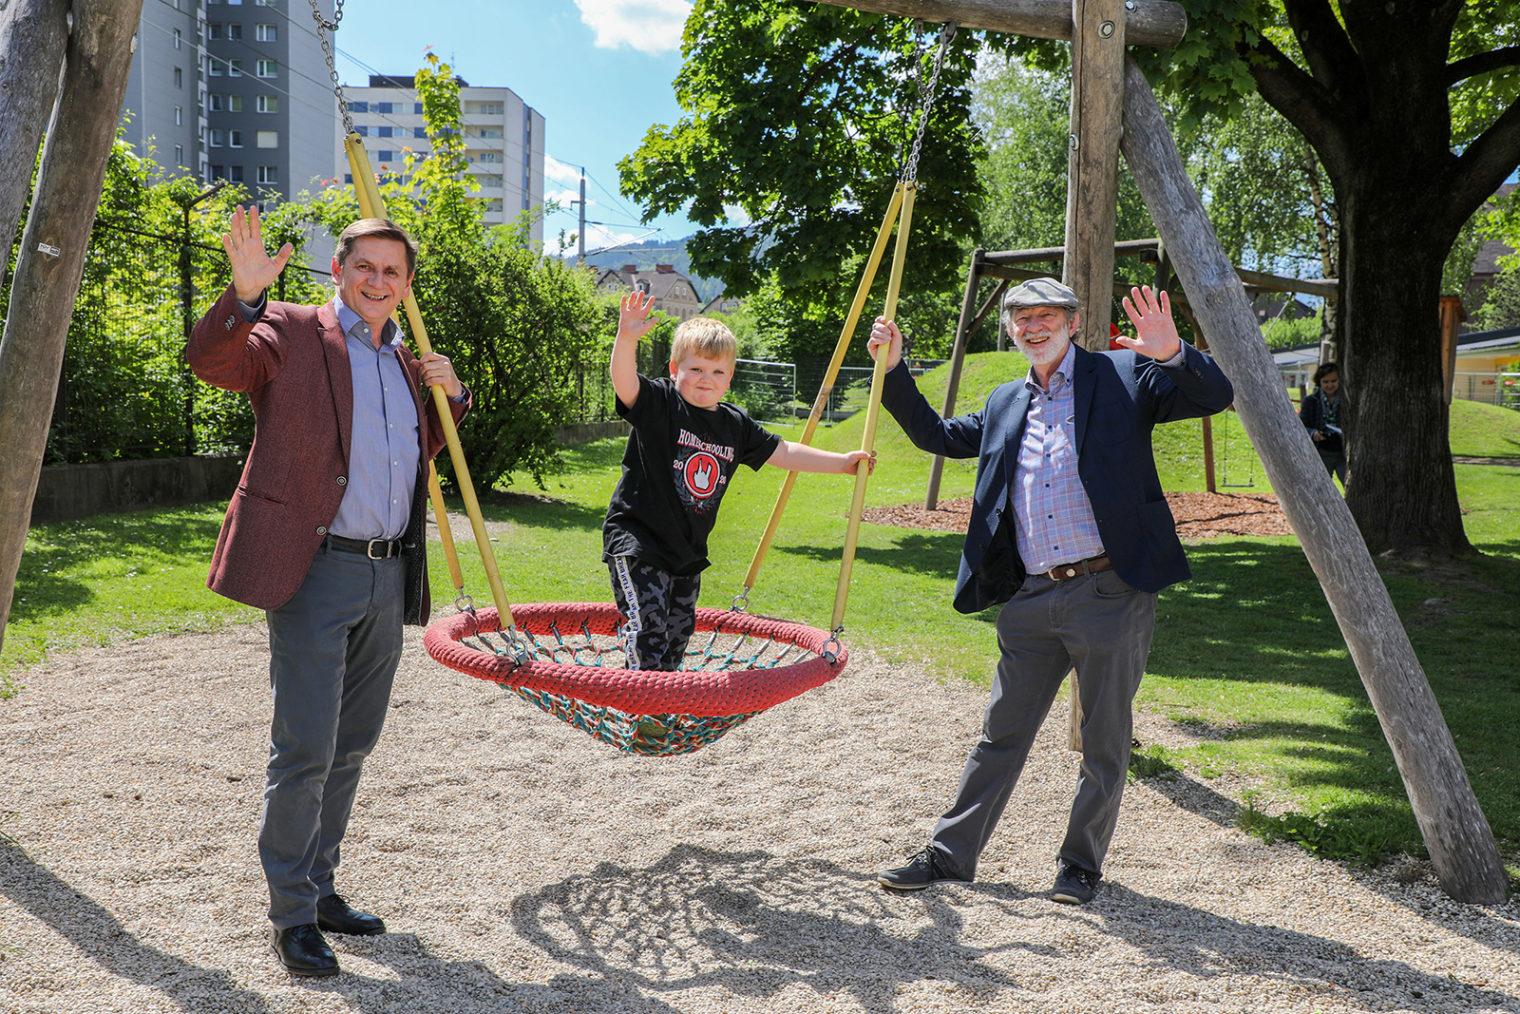 Bürgermeister Wallner und Referatsleiter Kieninger am Spielplatz